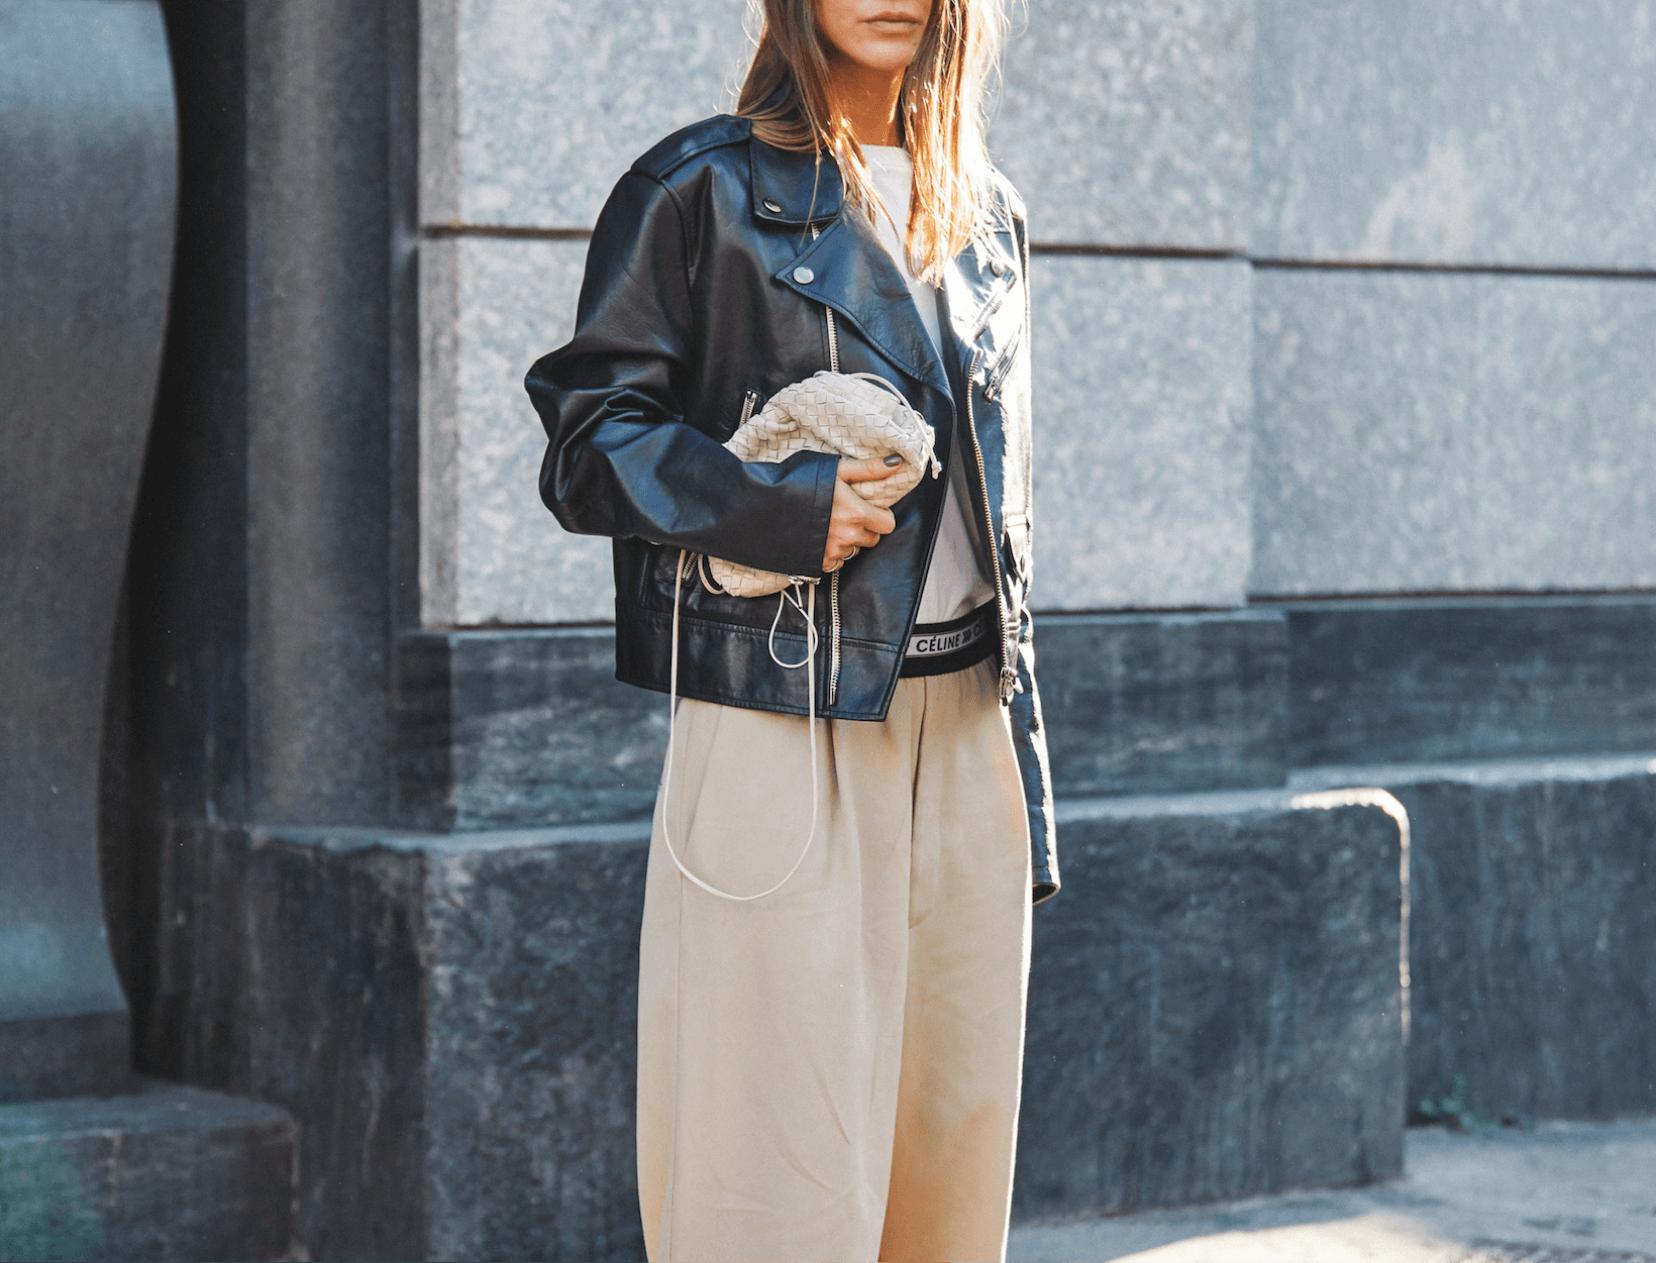 مدل مدل ژاکت چرم آستین پفی مارگارت با برچسب g